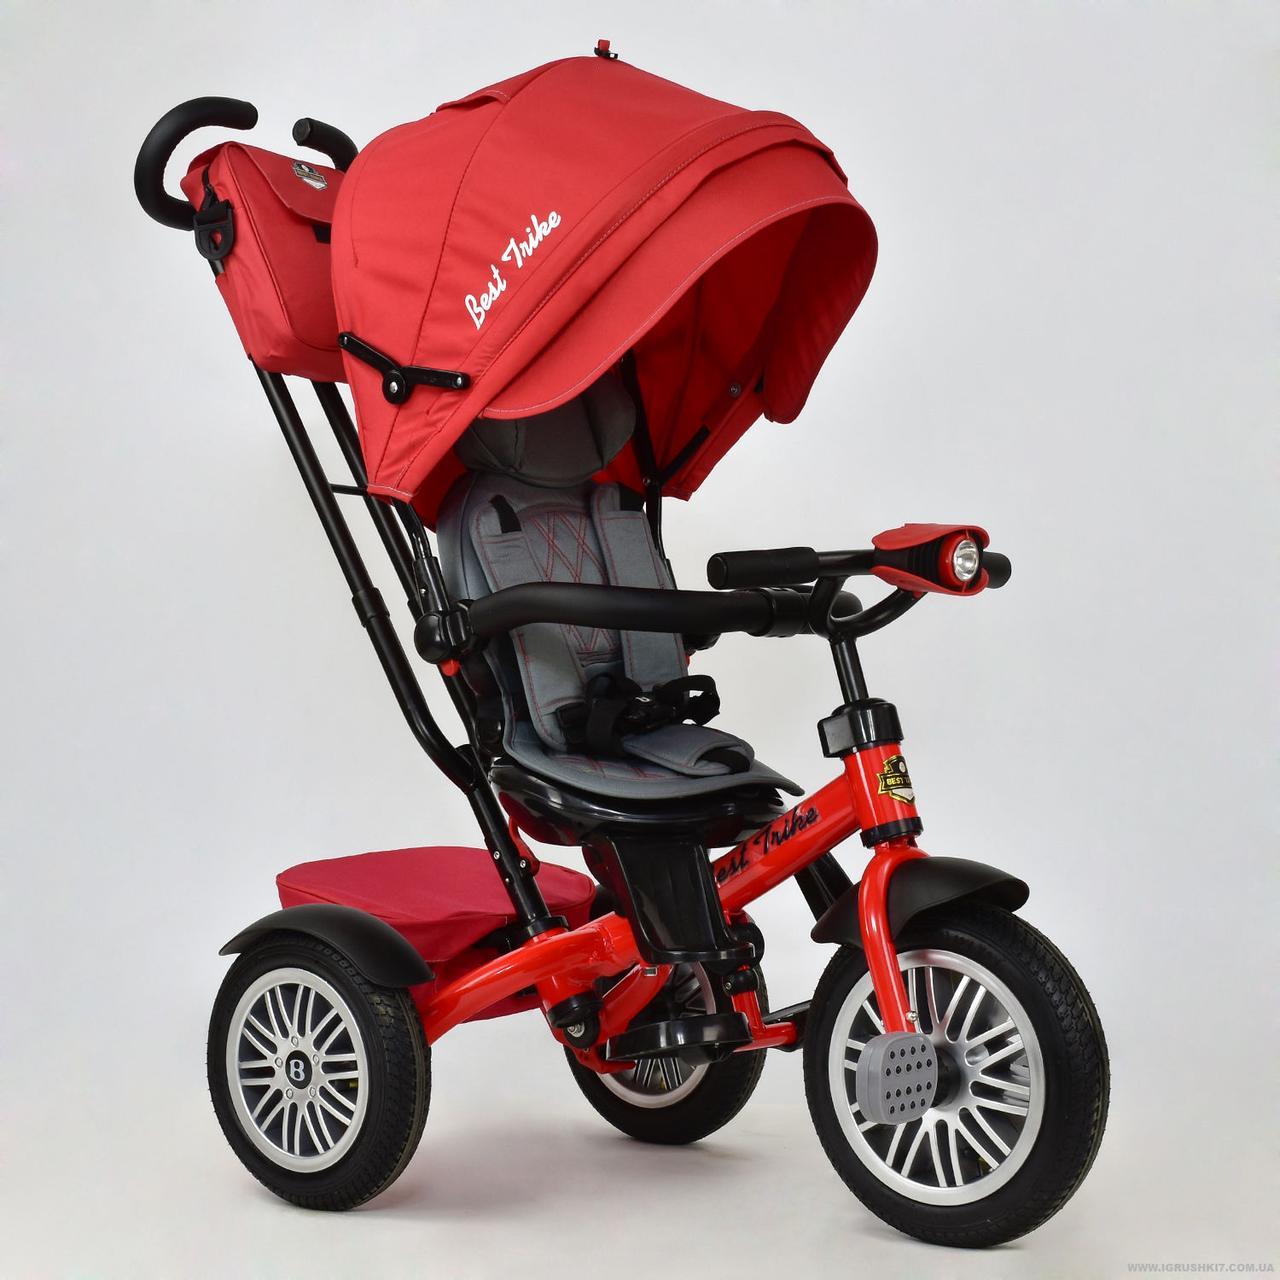 Велосипед 3-х колёсный 6188 В - 8450 Best Trike (1) КРАСНЫЙ, ПОВОРОТНОЕ СИДЕНИЕ, НАДУВНЫЕ КОЛЕСА, ФАРА СО